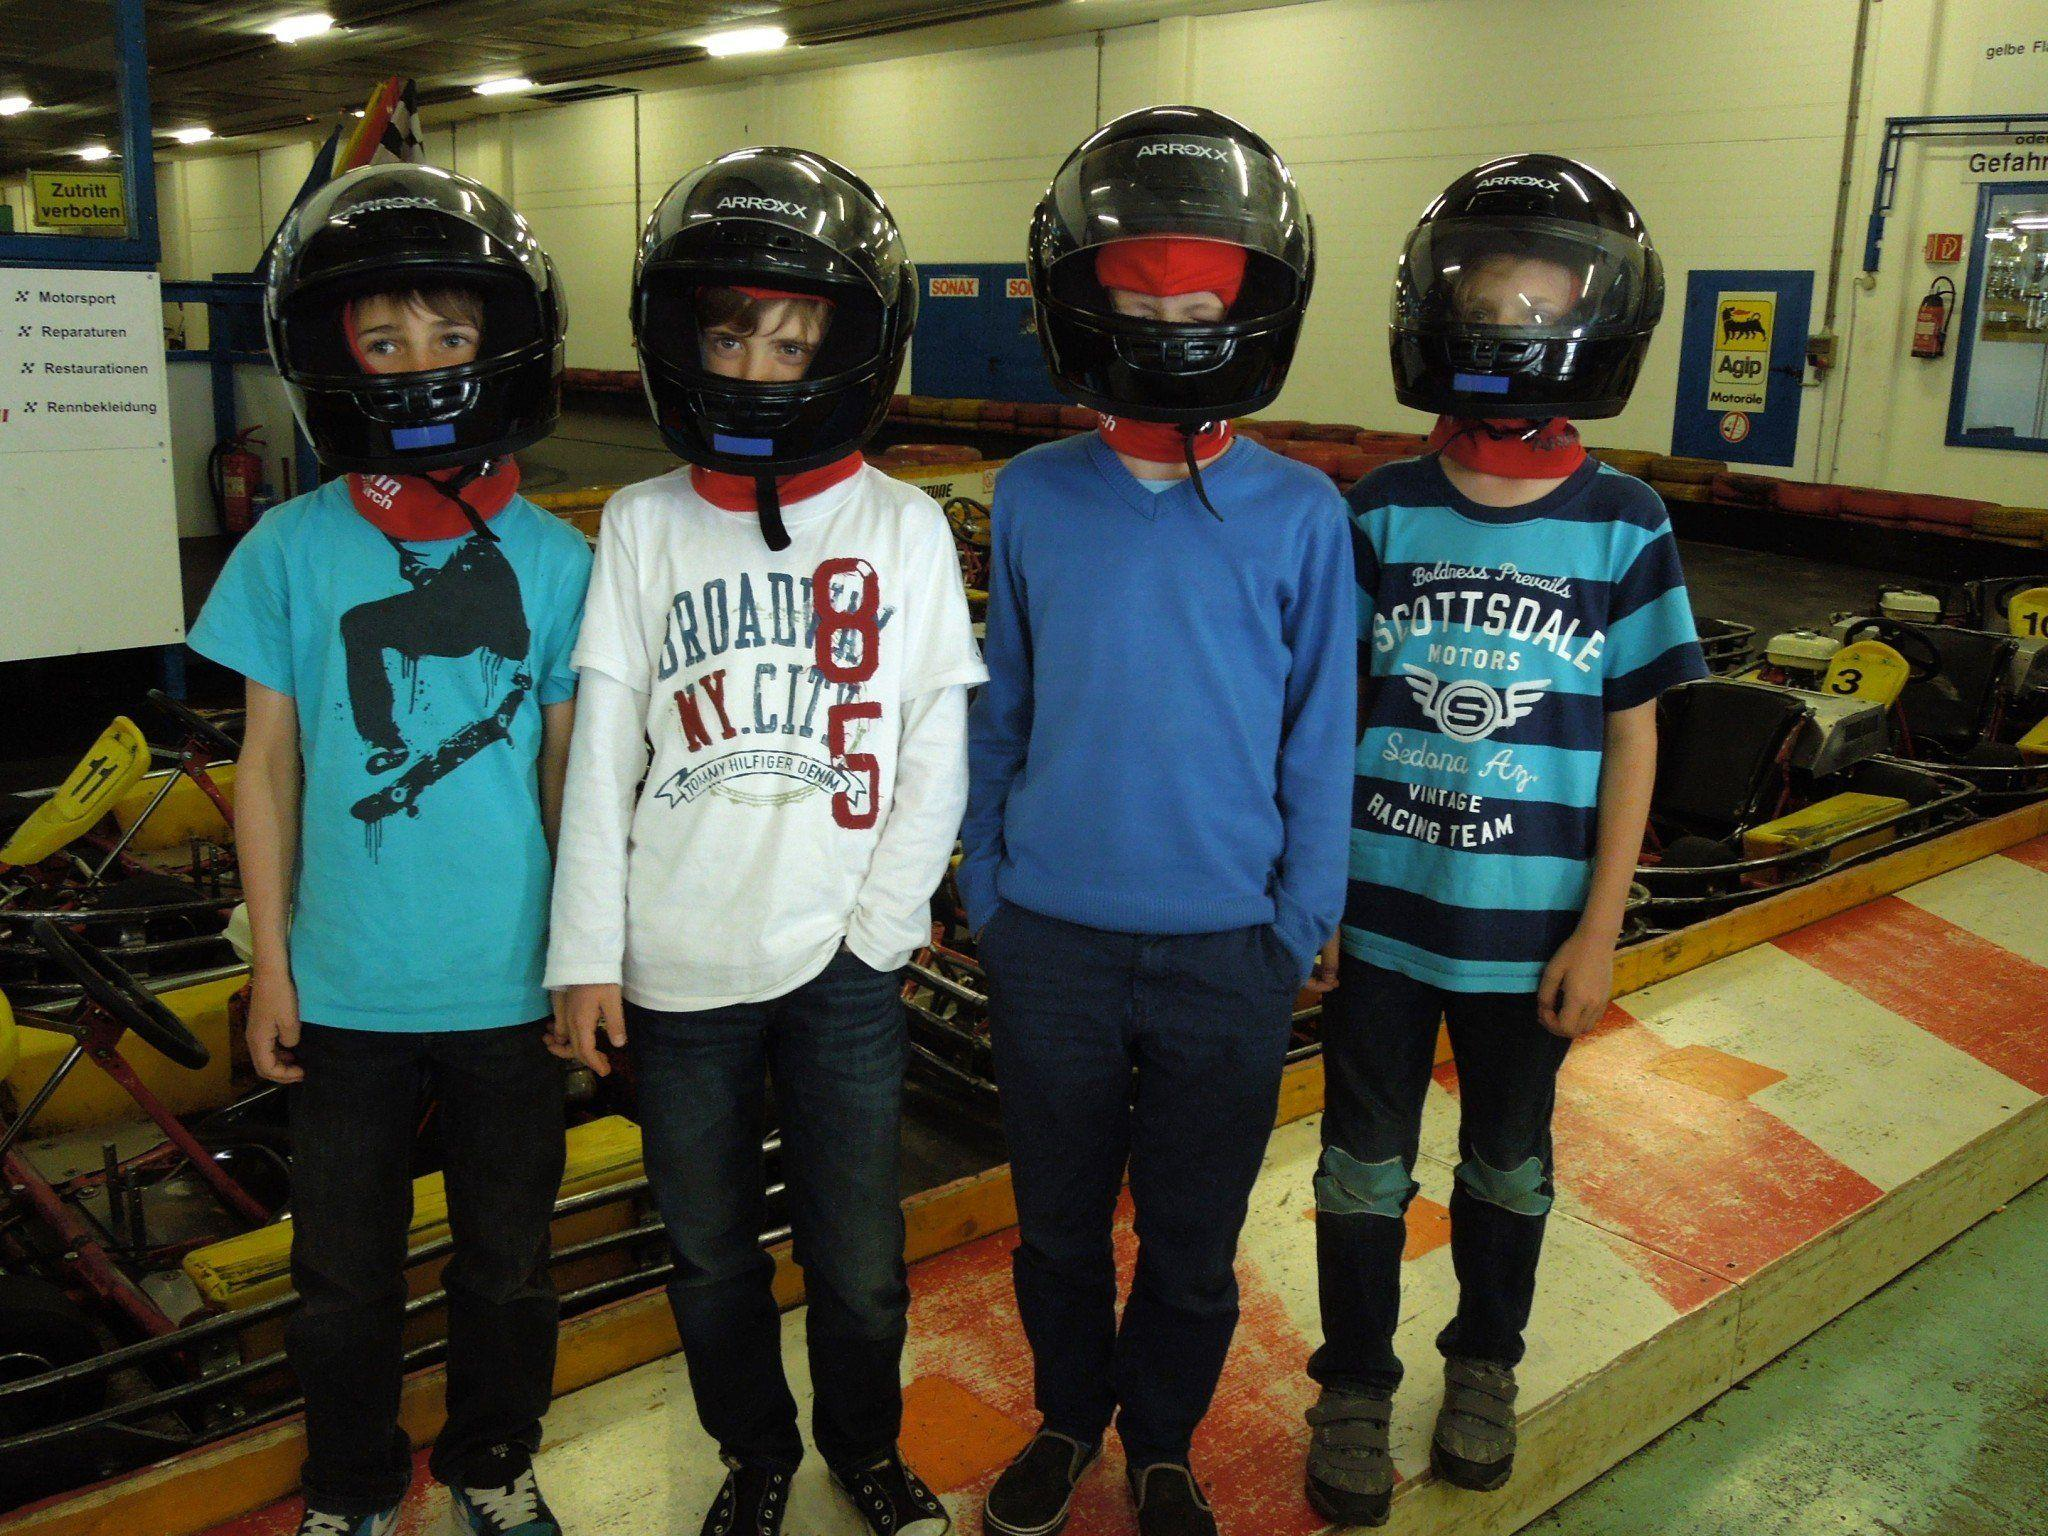 Unsere vier Kinderreporter durften sich einmal auf die Spuren von Vettel & Co. begeben.